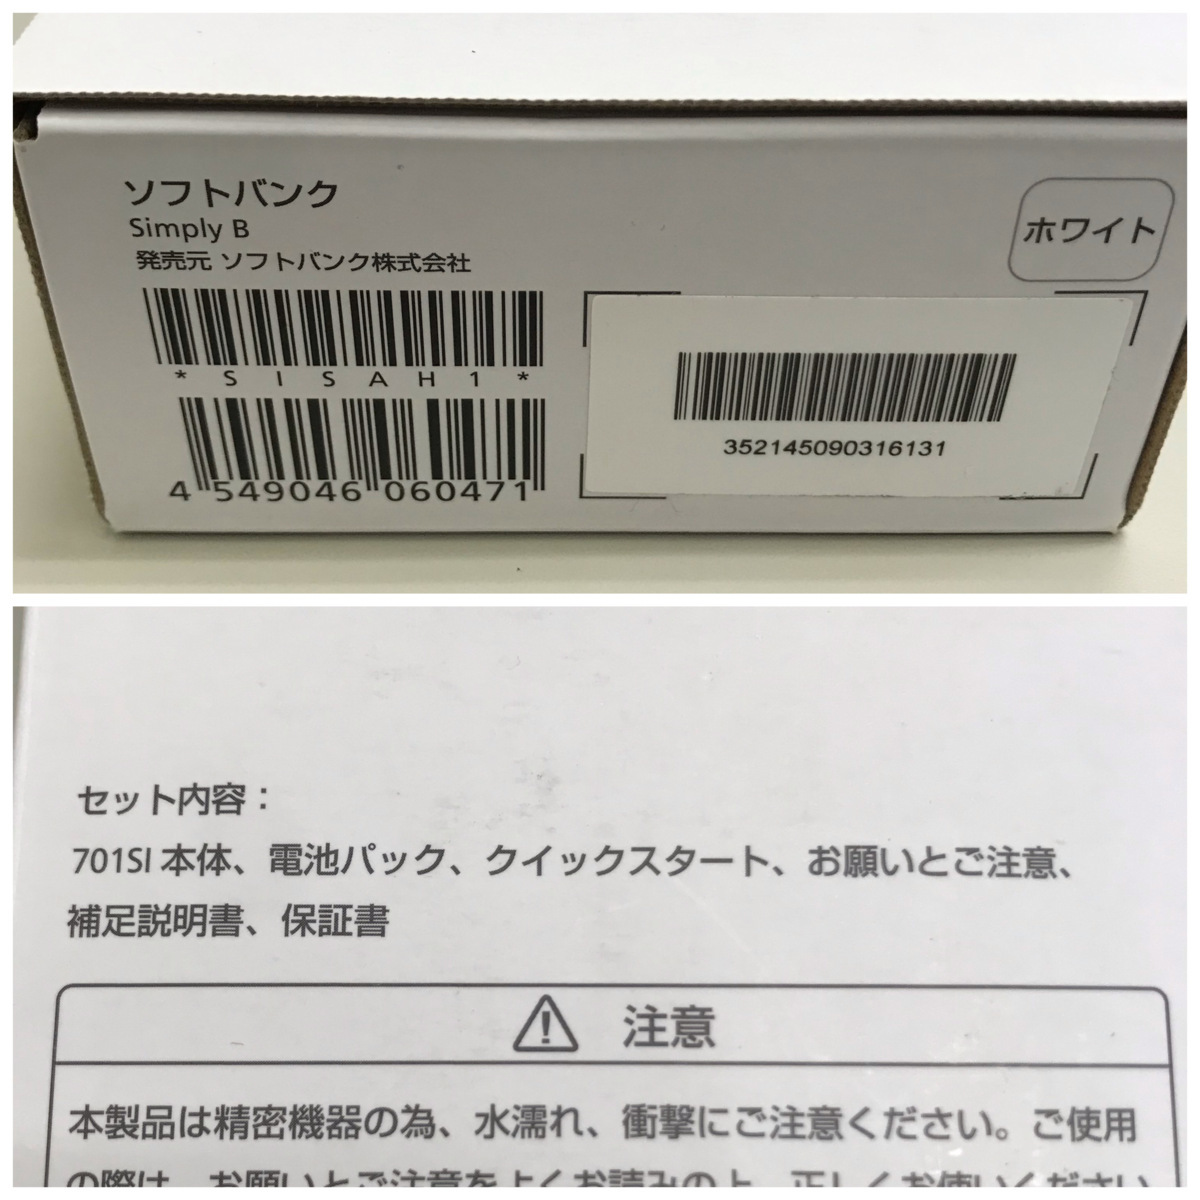 【送料無料/中古良品】SoftBank Simply B 701SI ホワイト ROM:8GB RAM:1GB セイコー SEIKO SIMロック解除済 〇判定_画像9